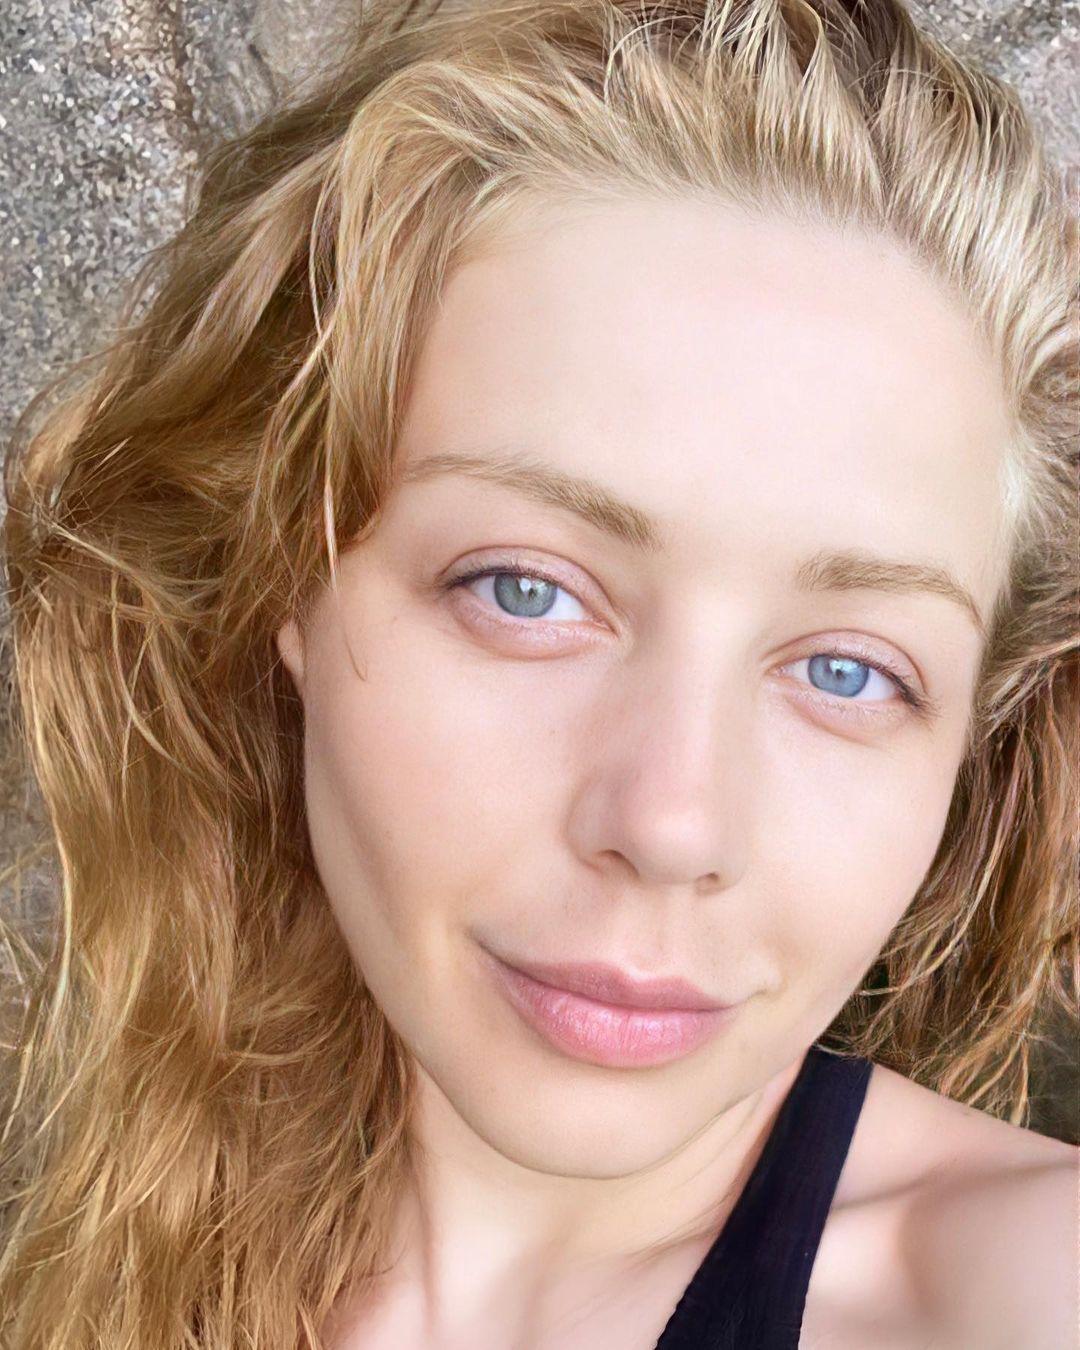 СМИ показали, как украинские знаменитости выглядят без макияжа (ФОТО) - фото 2